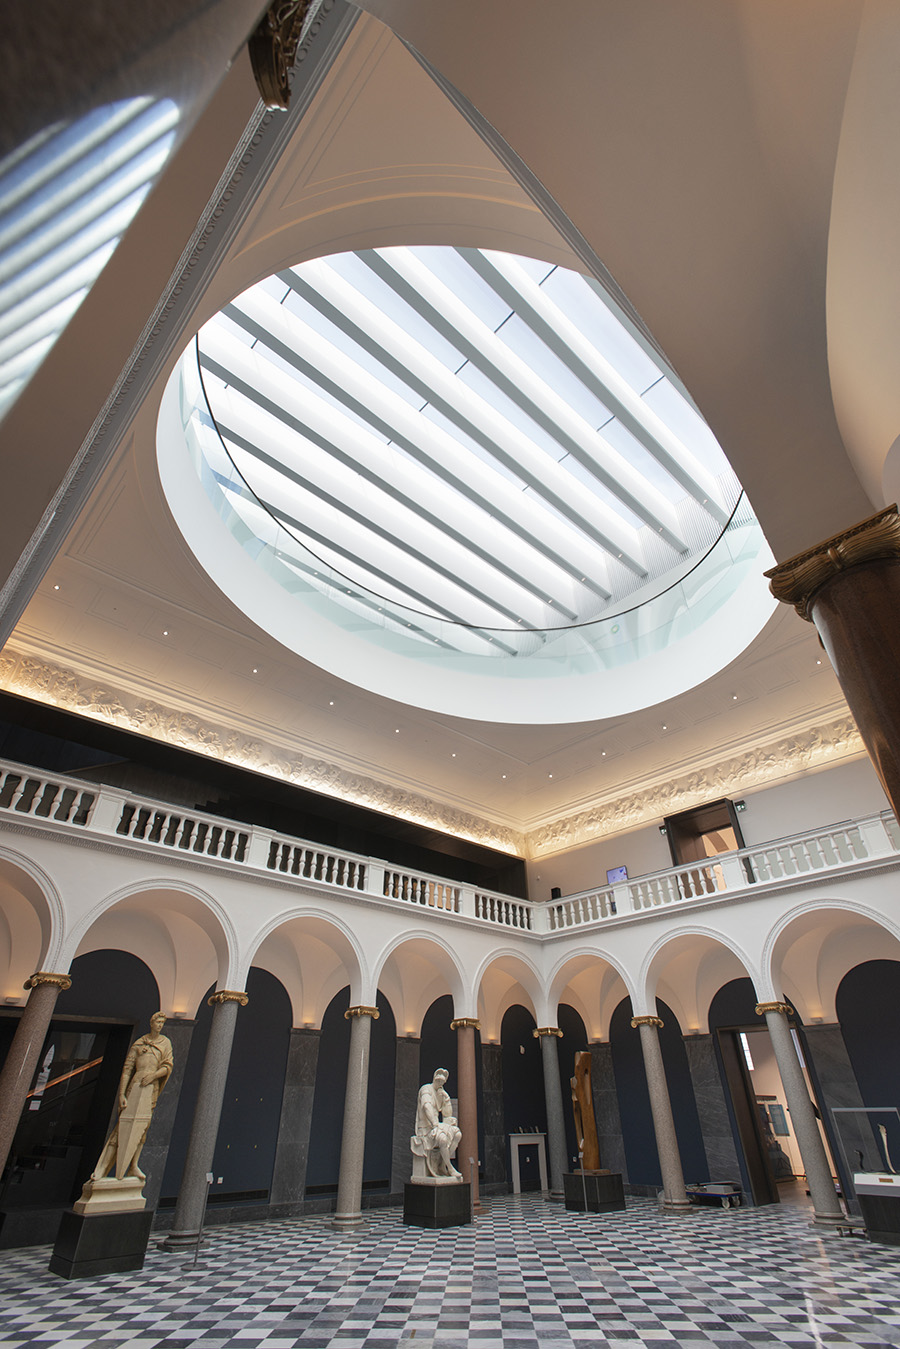 Aberdeen Art Gallery © Aberdeen City Council (Aberdeen Art Gallery & Museums)